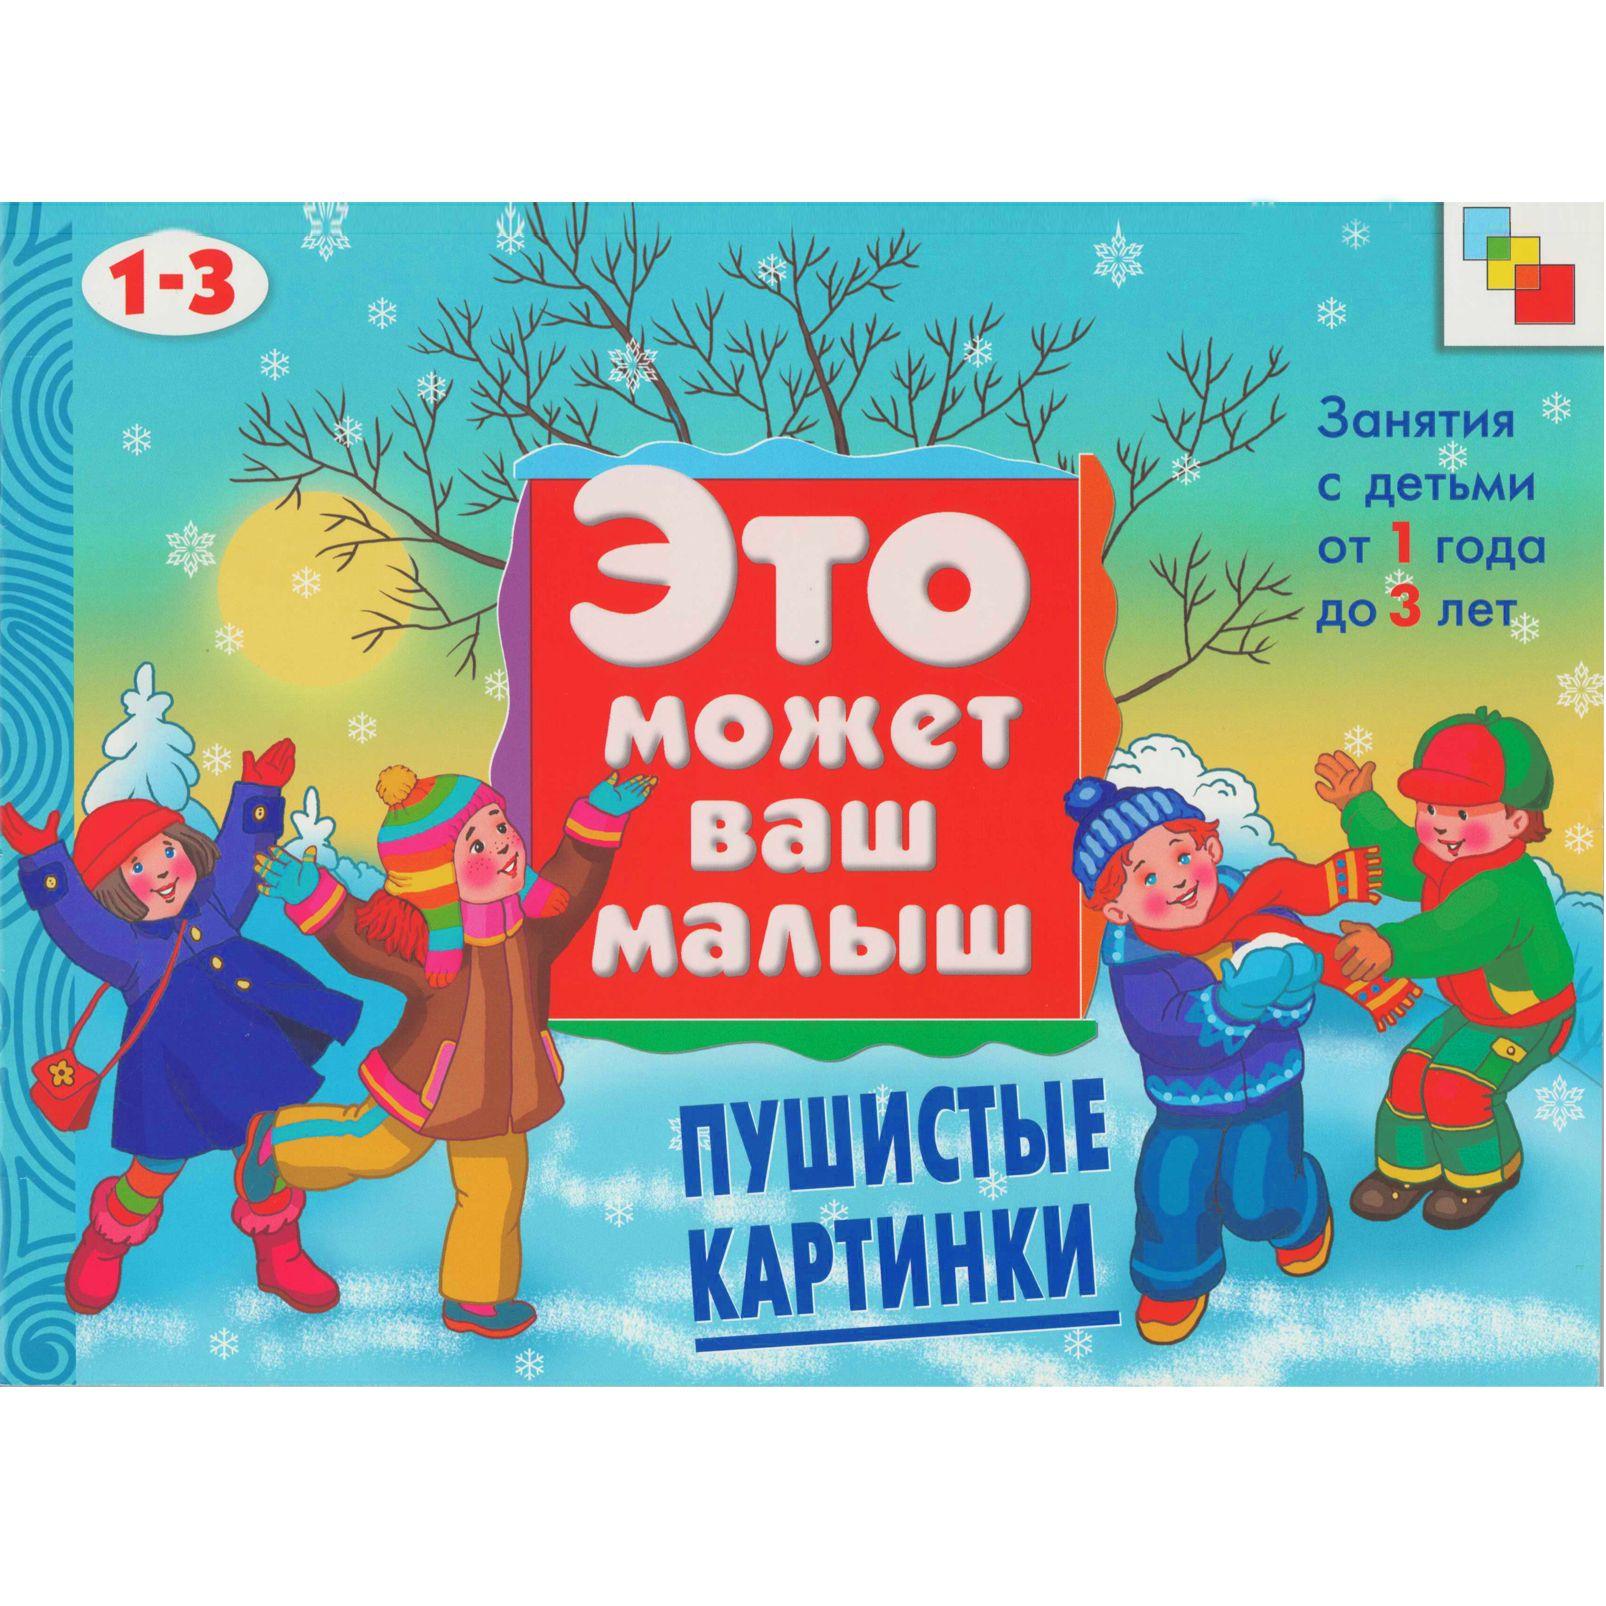 Пушистые картинки: Занятия с детьми от 1 года до 3 лет